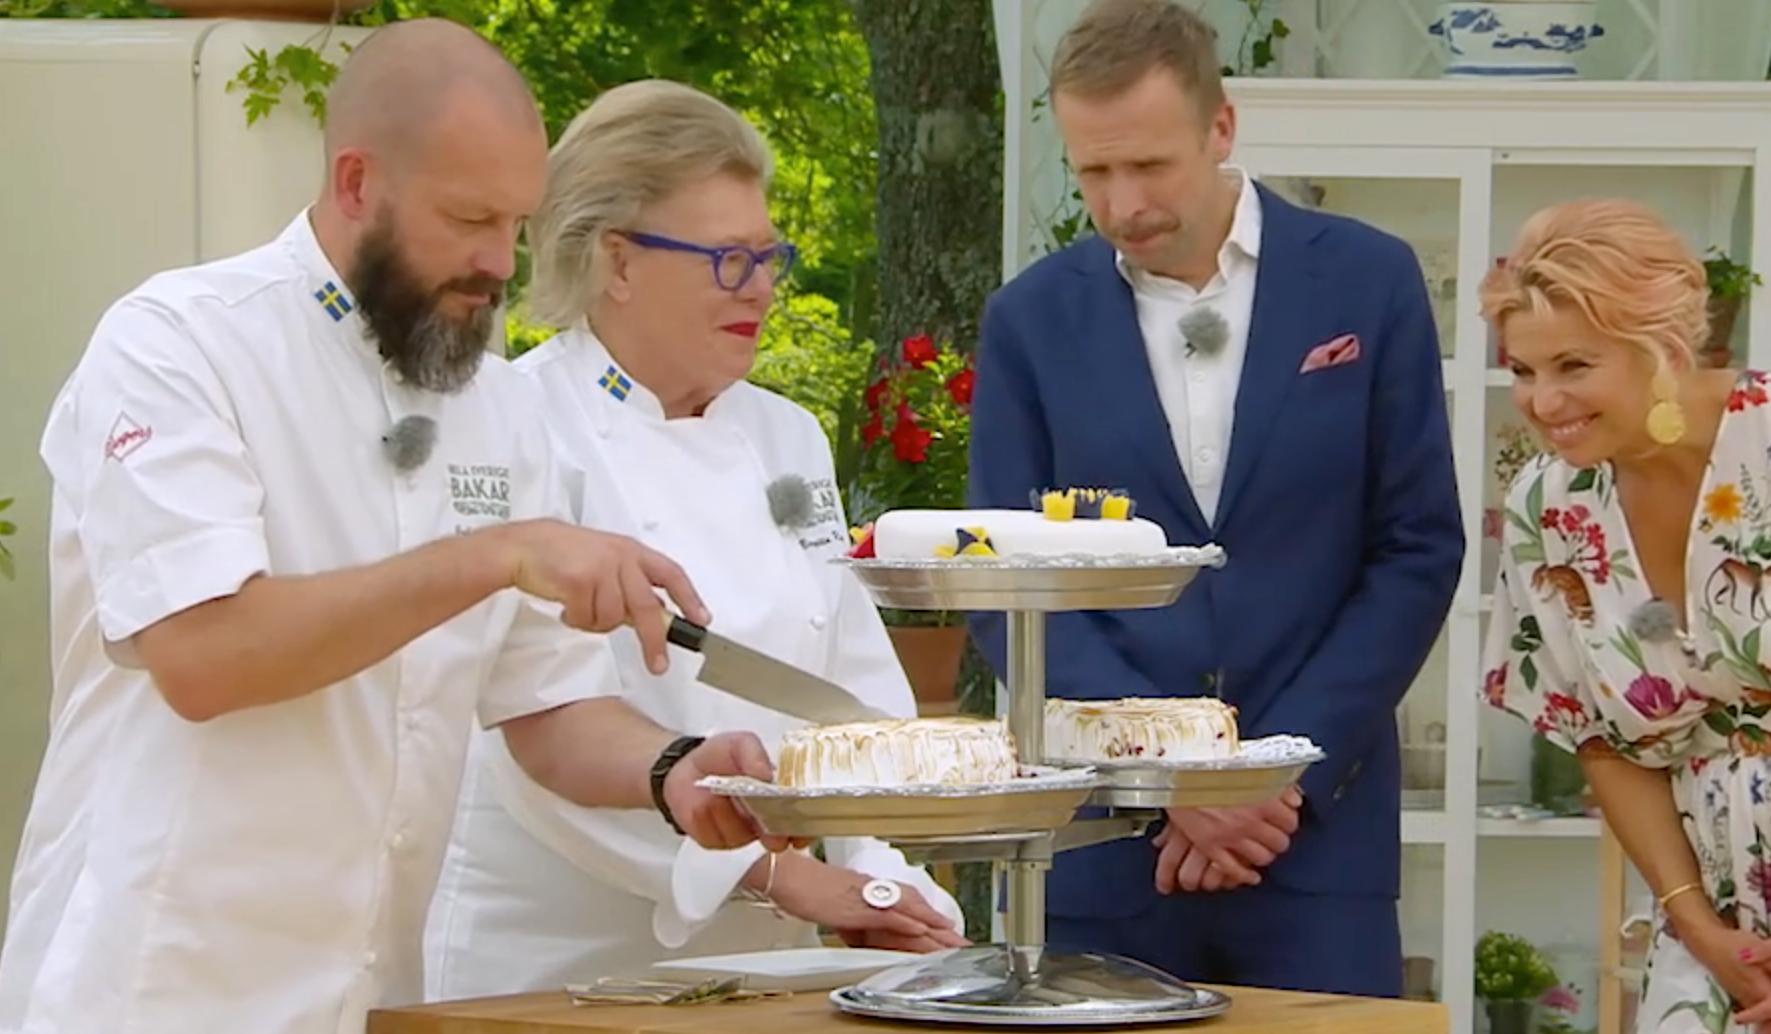 Juryn ska bedöma Ingemarsdotters och Södergrens finaltårta.